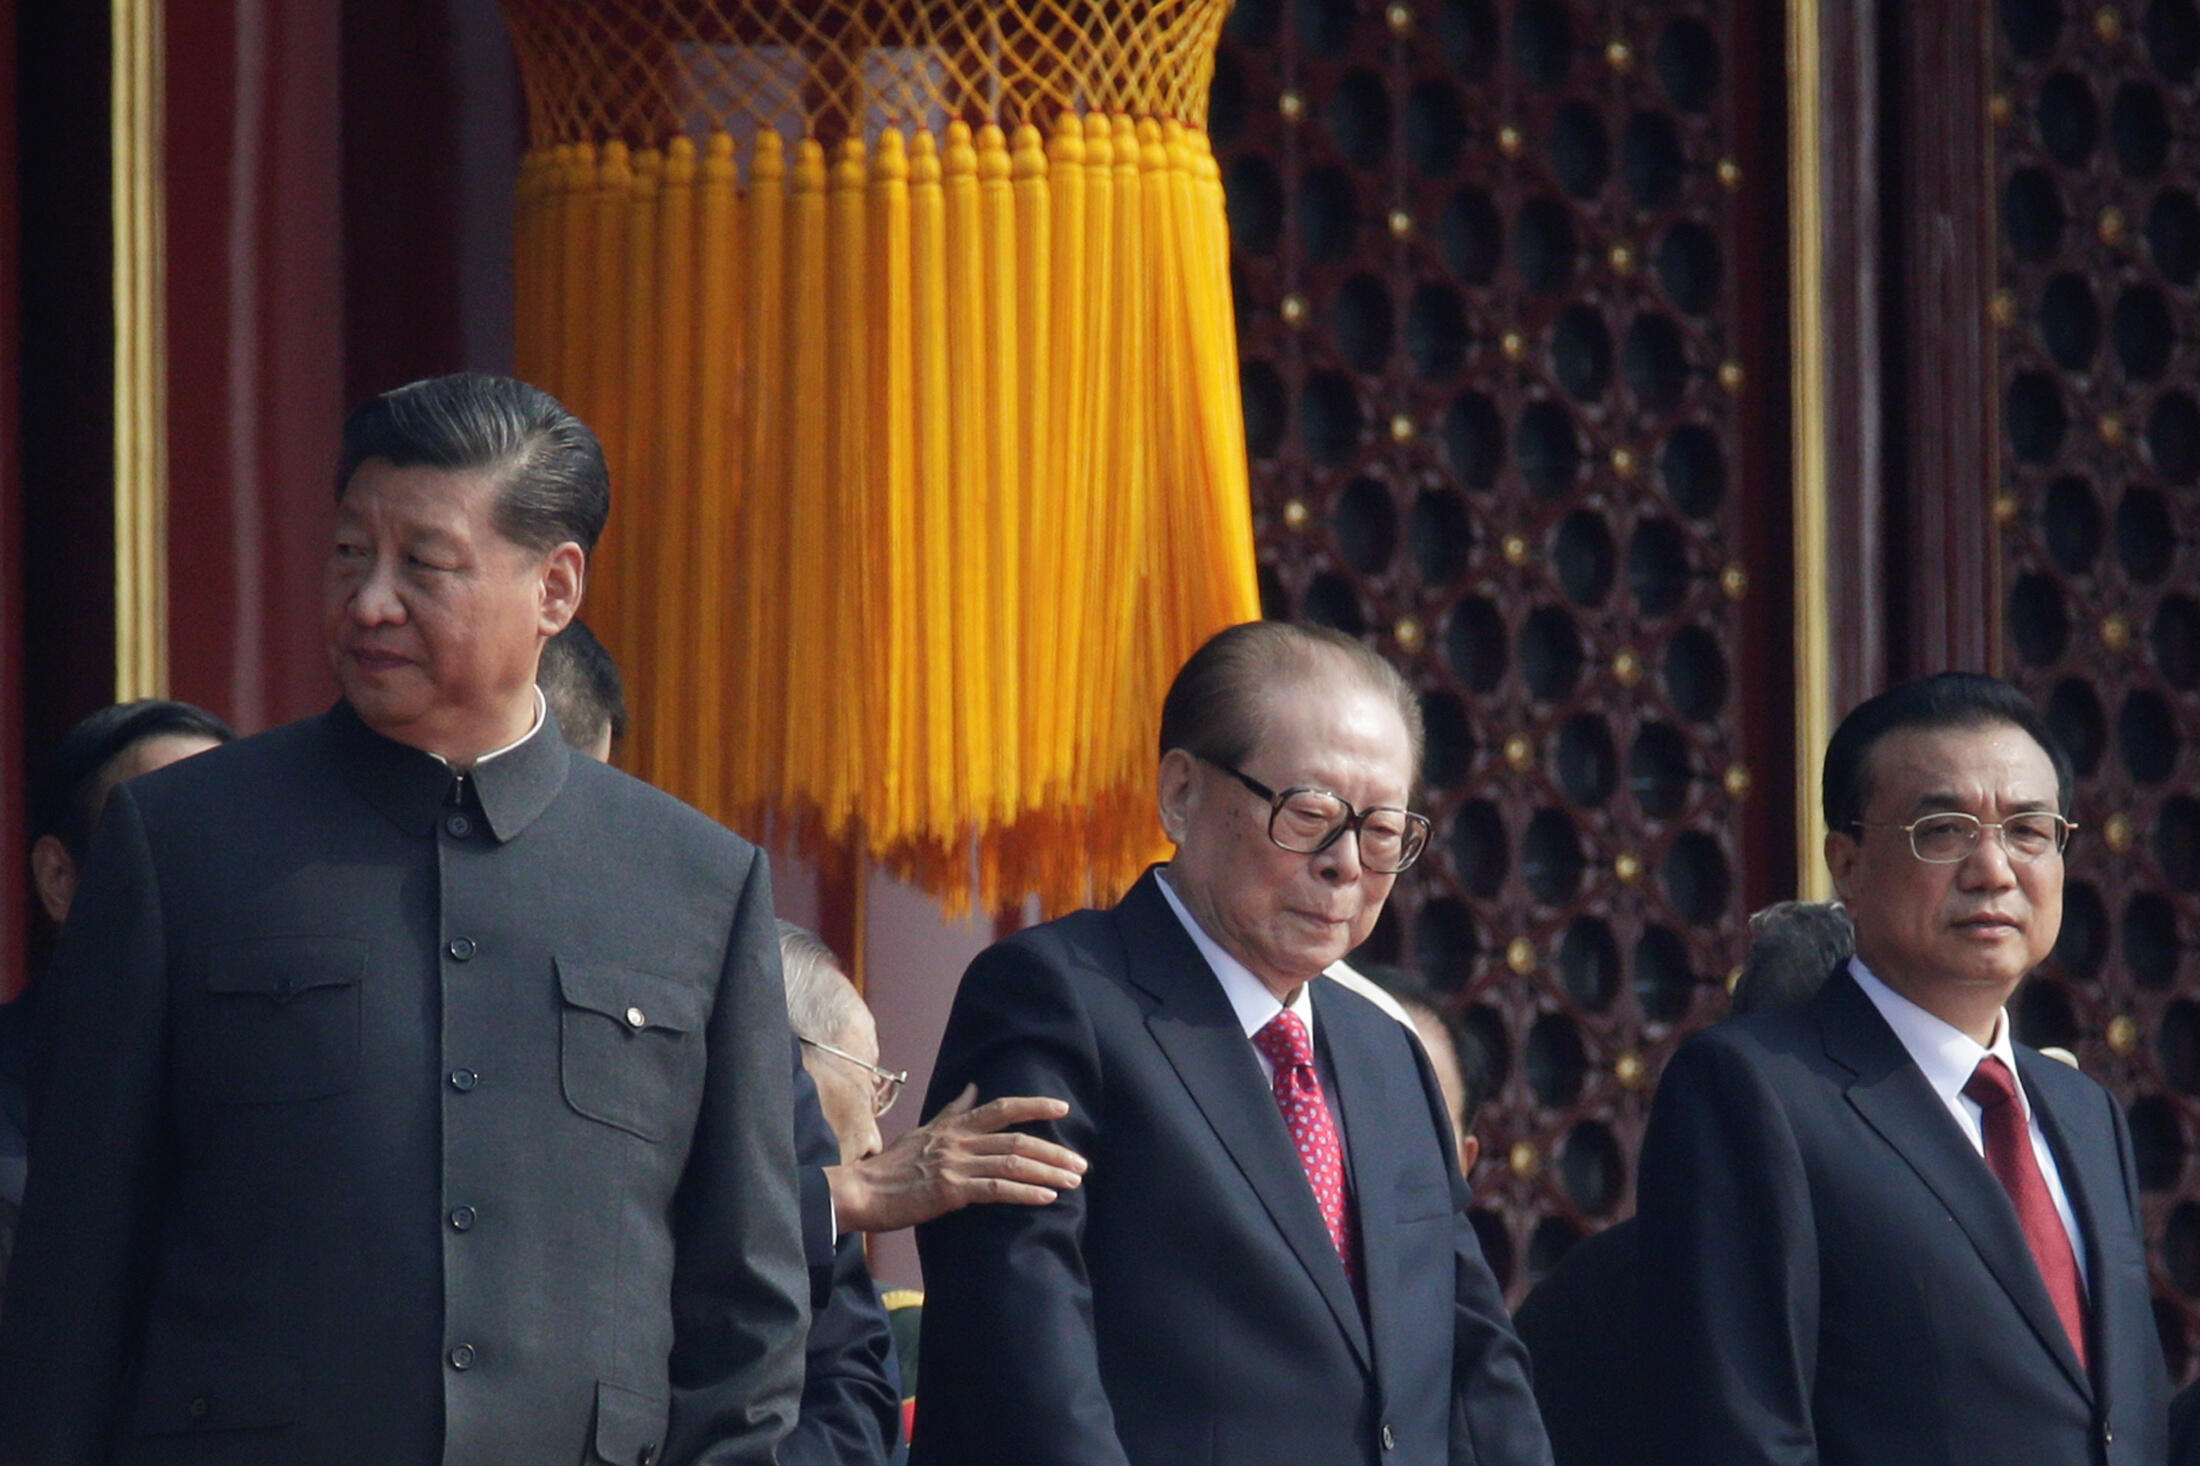 中共建政七十年大阅兵,位于习近平与李克强之中的是中共前领导人江泽民